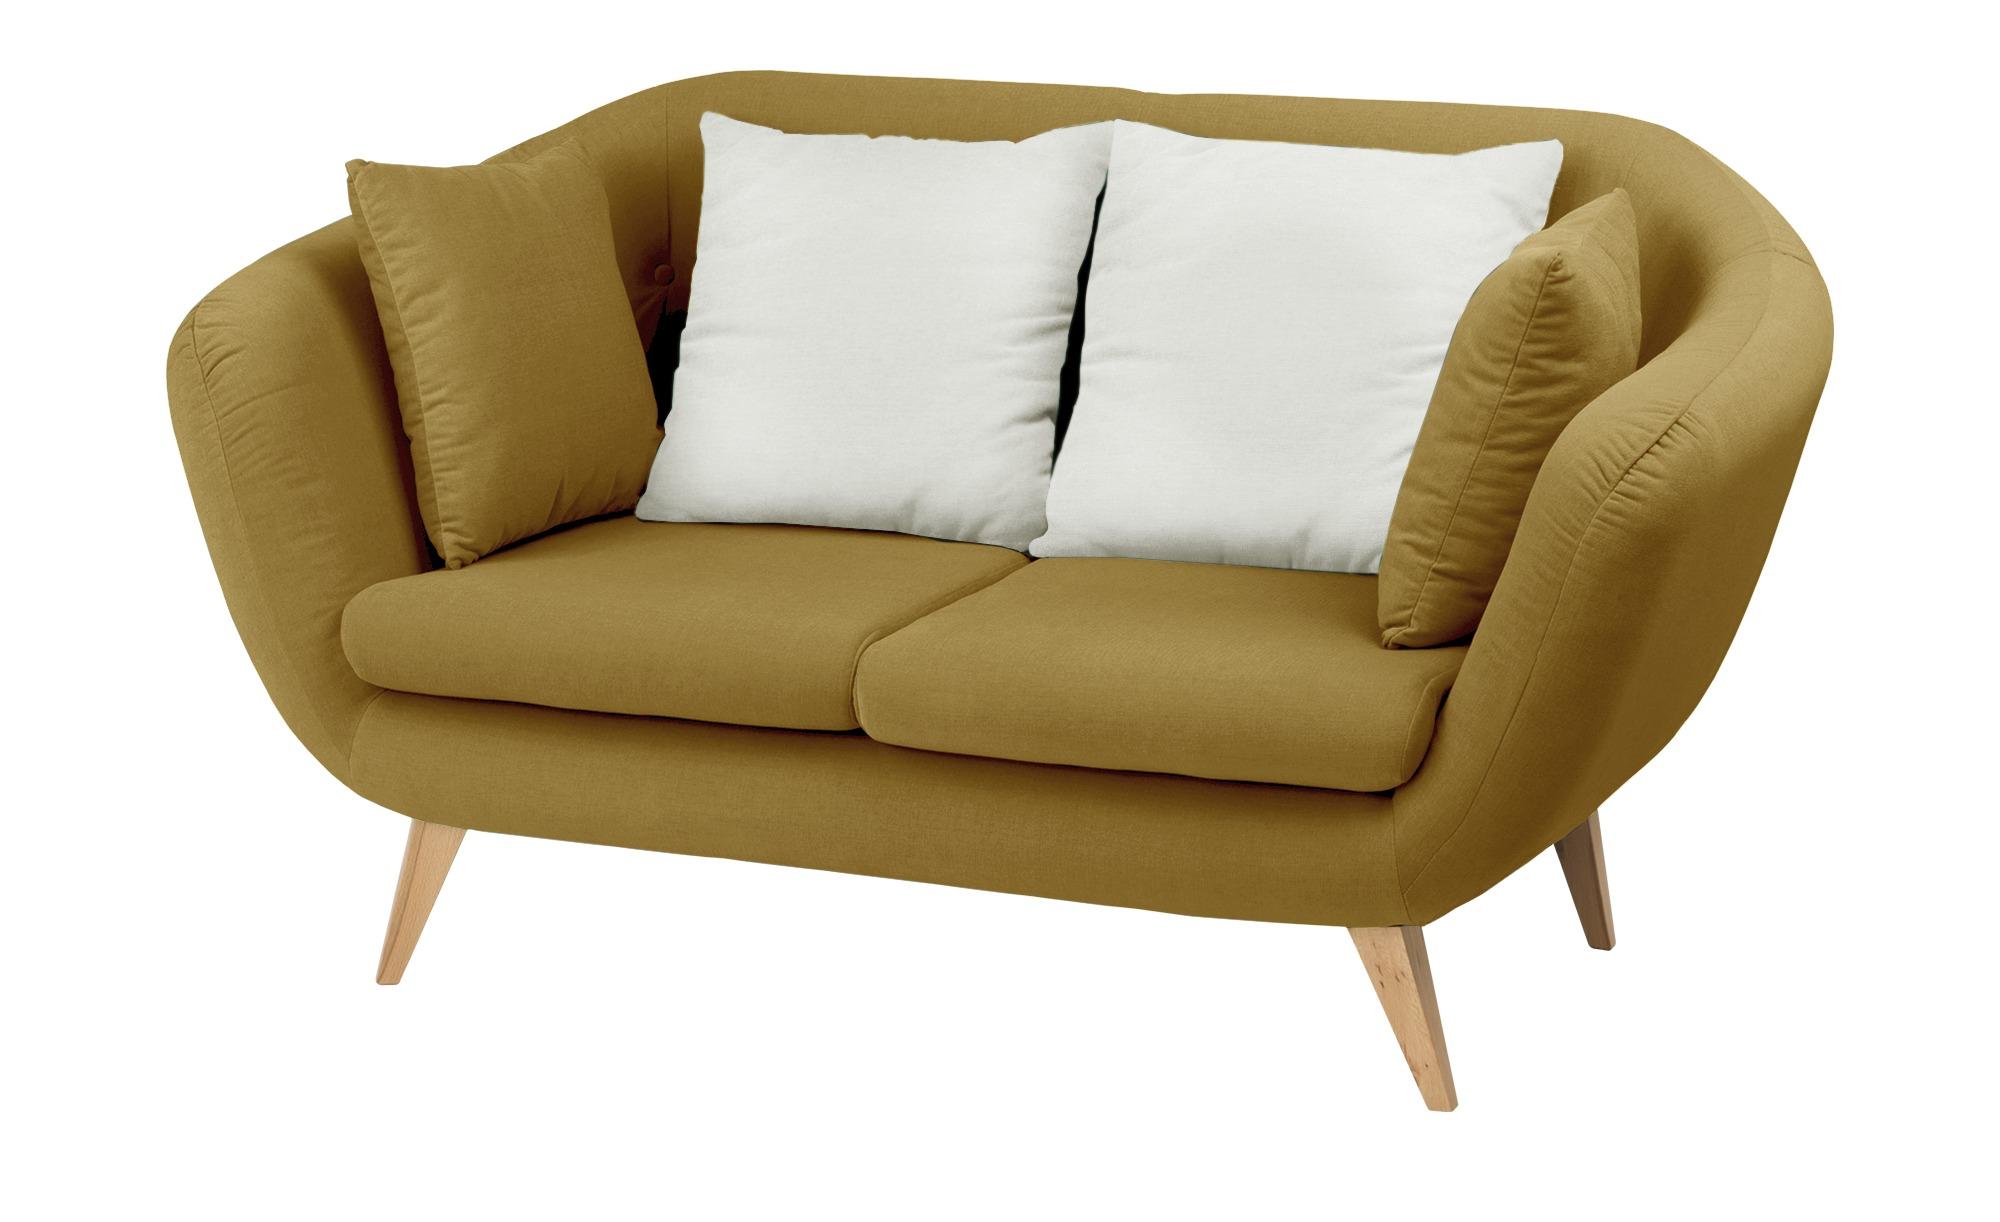 smart Sofa  ocker - Mikrofaser Ricarda ¦ gelb ¦ Maße (cm): B: 176 H: 93 T: 90 Polstermöbel > Sofas > 2-Sitzer - Höffner